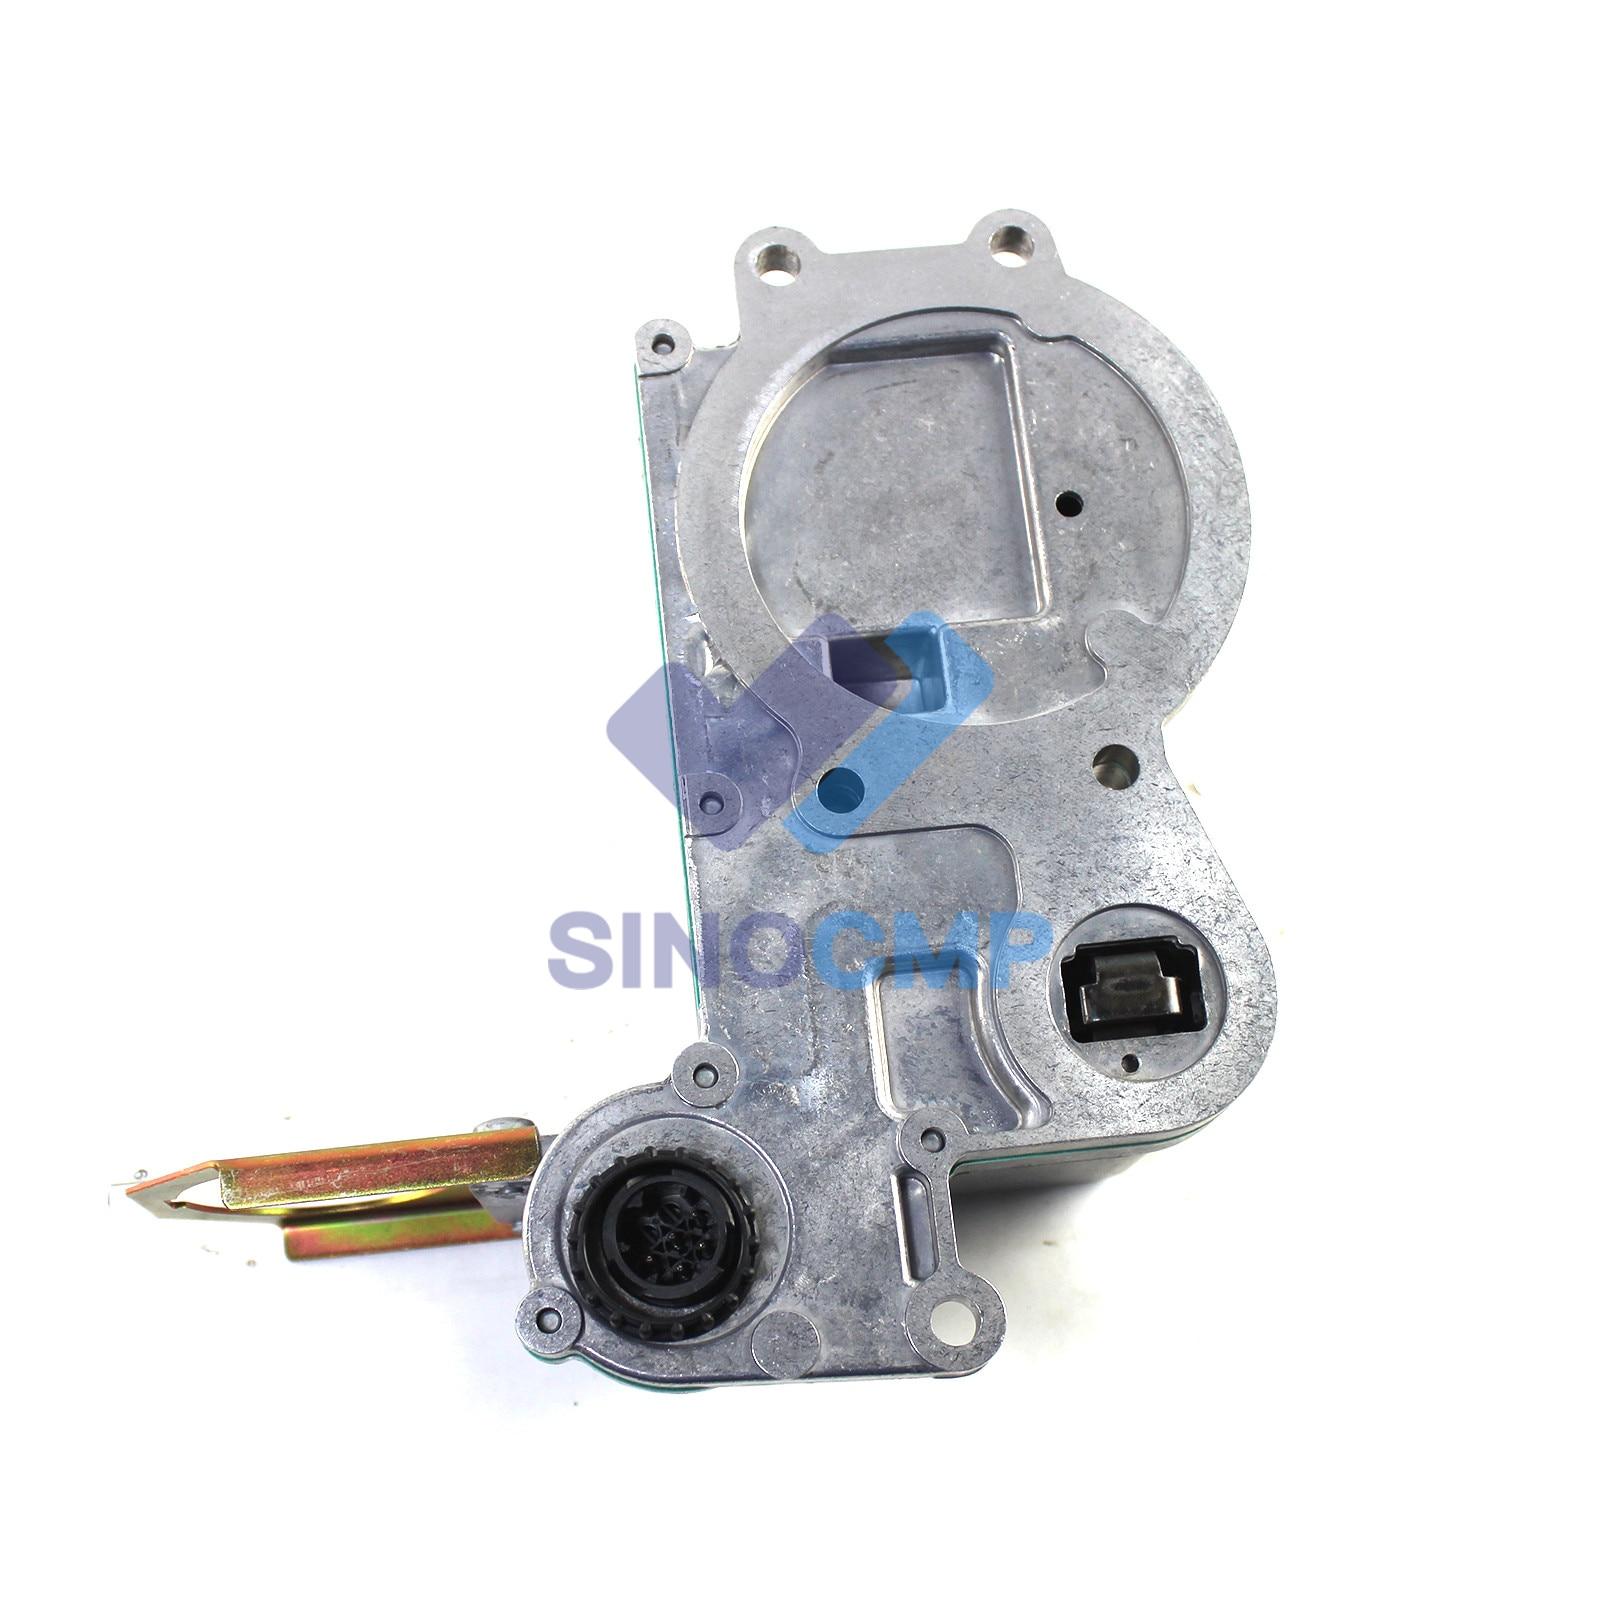 منظم المحرك 21124198 VOE21124198 20881577 VOE20881577 لفولفو EC135B EC140B EC210B حفارة أجزاء